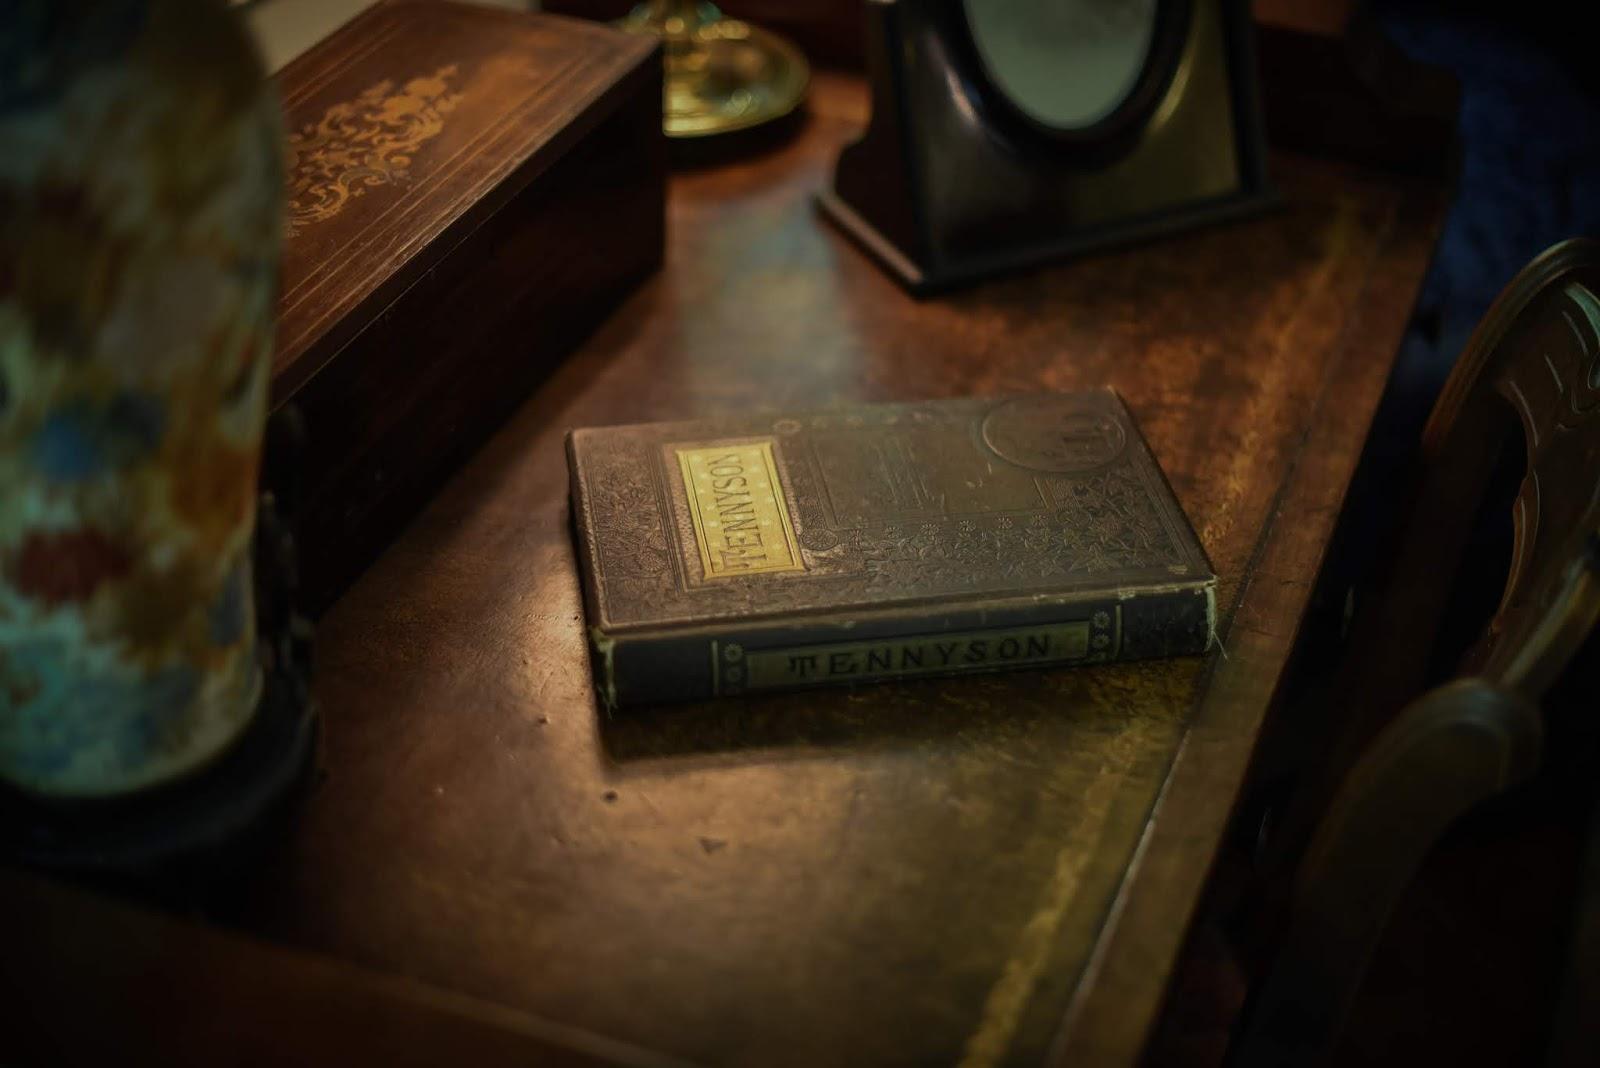 literatura, romantyzm i pozytywizm, socjalizm i kapitalizm, Mickiewicz, Krasiński, Prus, rewolucja